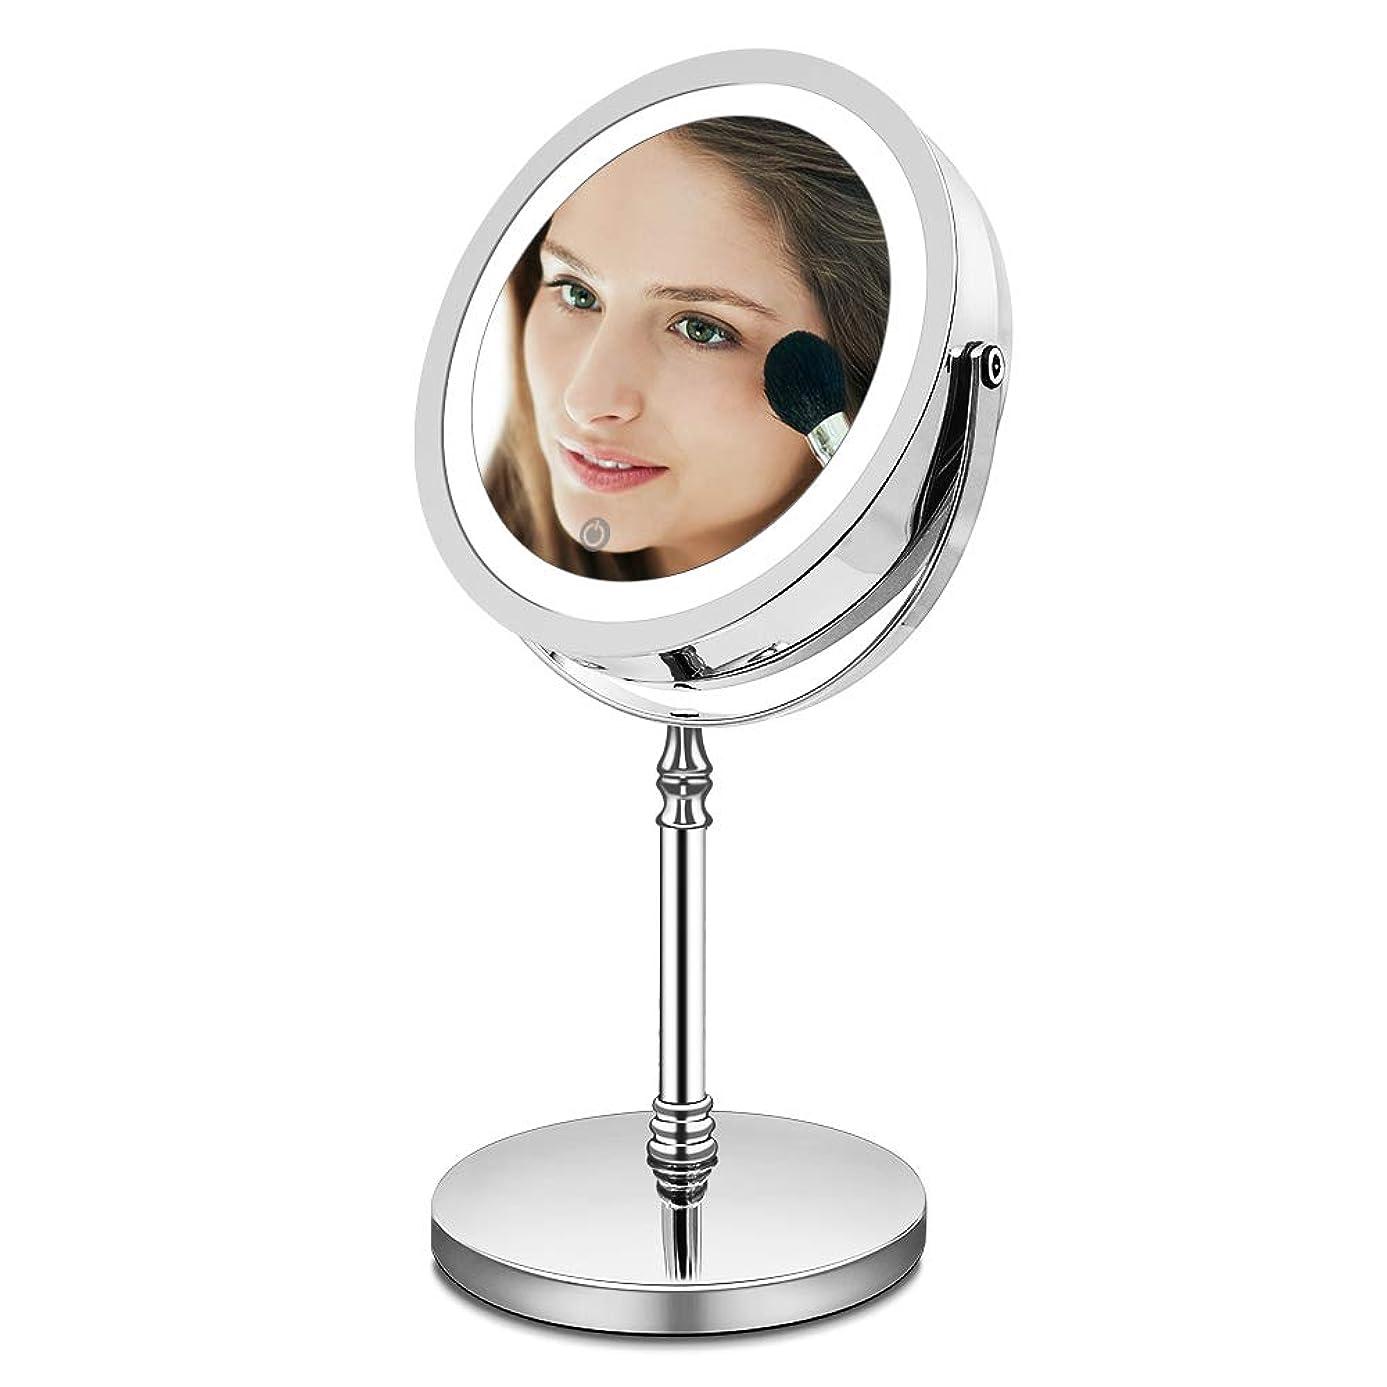 スロベニアコンチネンタル海嶺AMZTOLIFE 10倍拡大鏡+等倍鏡 化粧鏡 ライト付き 卓上鏡 ミラー 鏡 化粧ミラー メイクアップミラー スタンドミラー 360度回転 明るさ調節 日本語取扱説明書付き (タイチー)